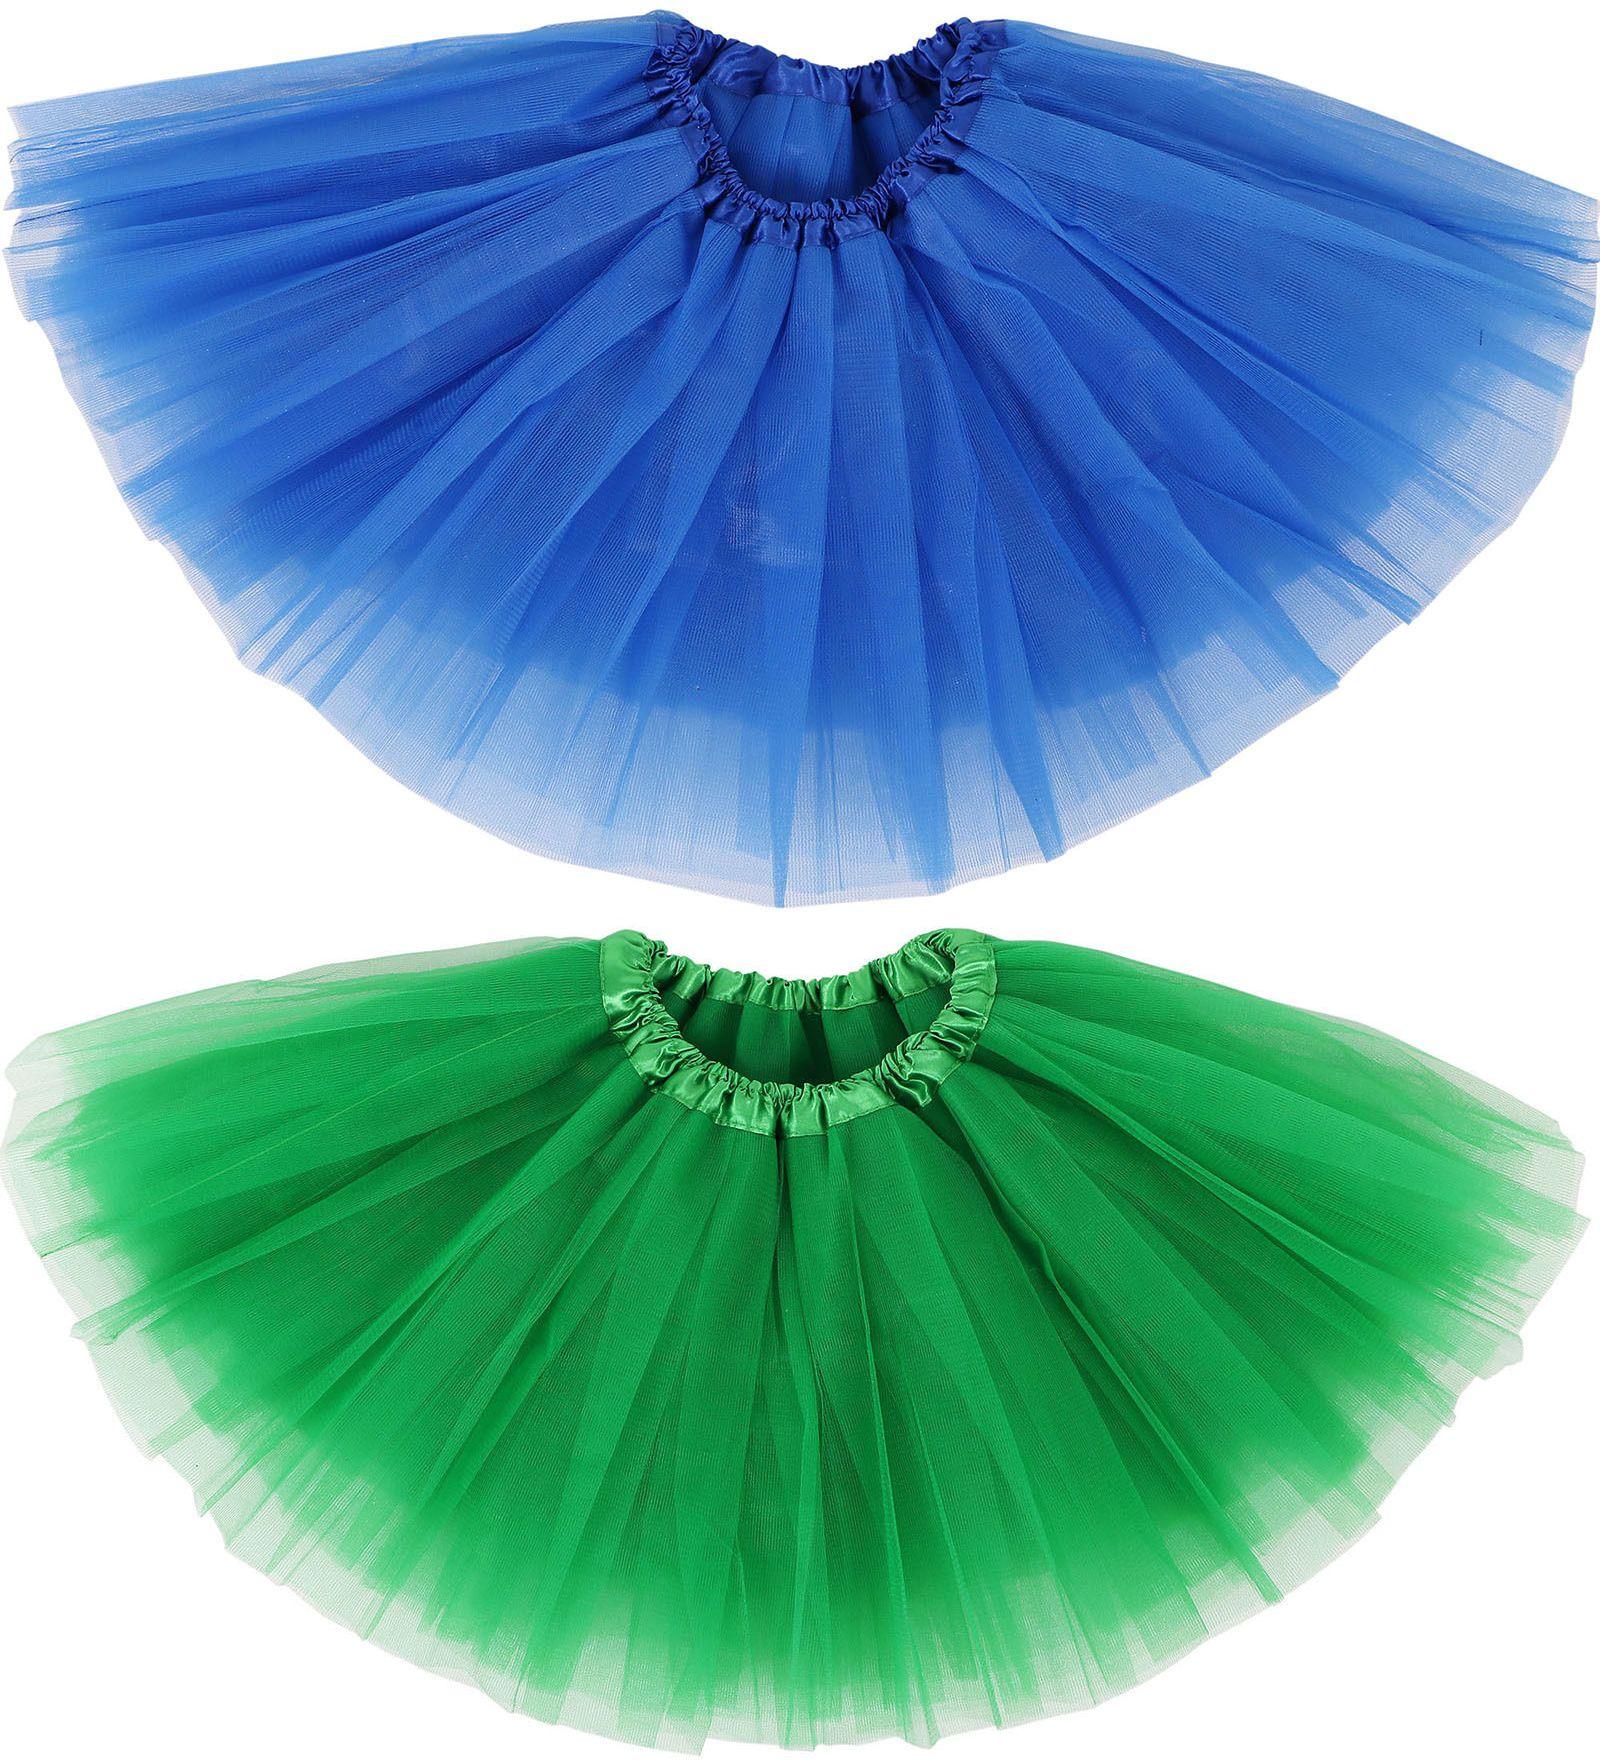 c011f0e7f8 Skirts 147214: Baby Toddler Girl Tulle Ballerina Pleated Tutu Skirt Party  Ballet Dance Dressup -> BUY IT NOW ONLY: $12.97 on #eBay #skirts #toddler # tulle ...